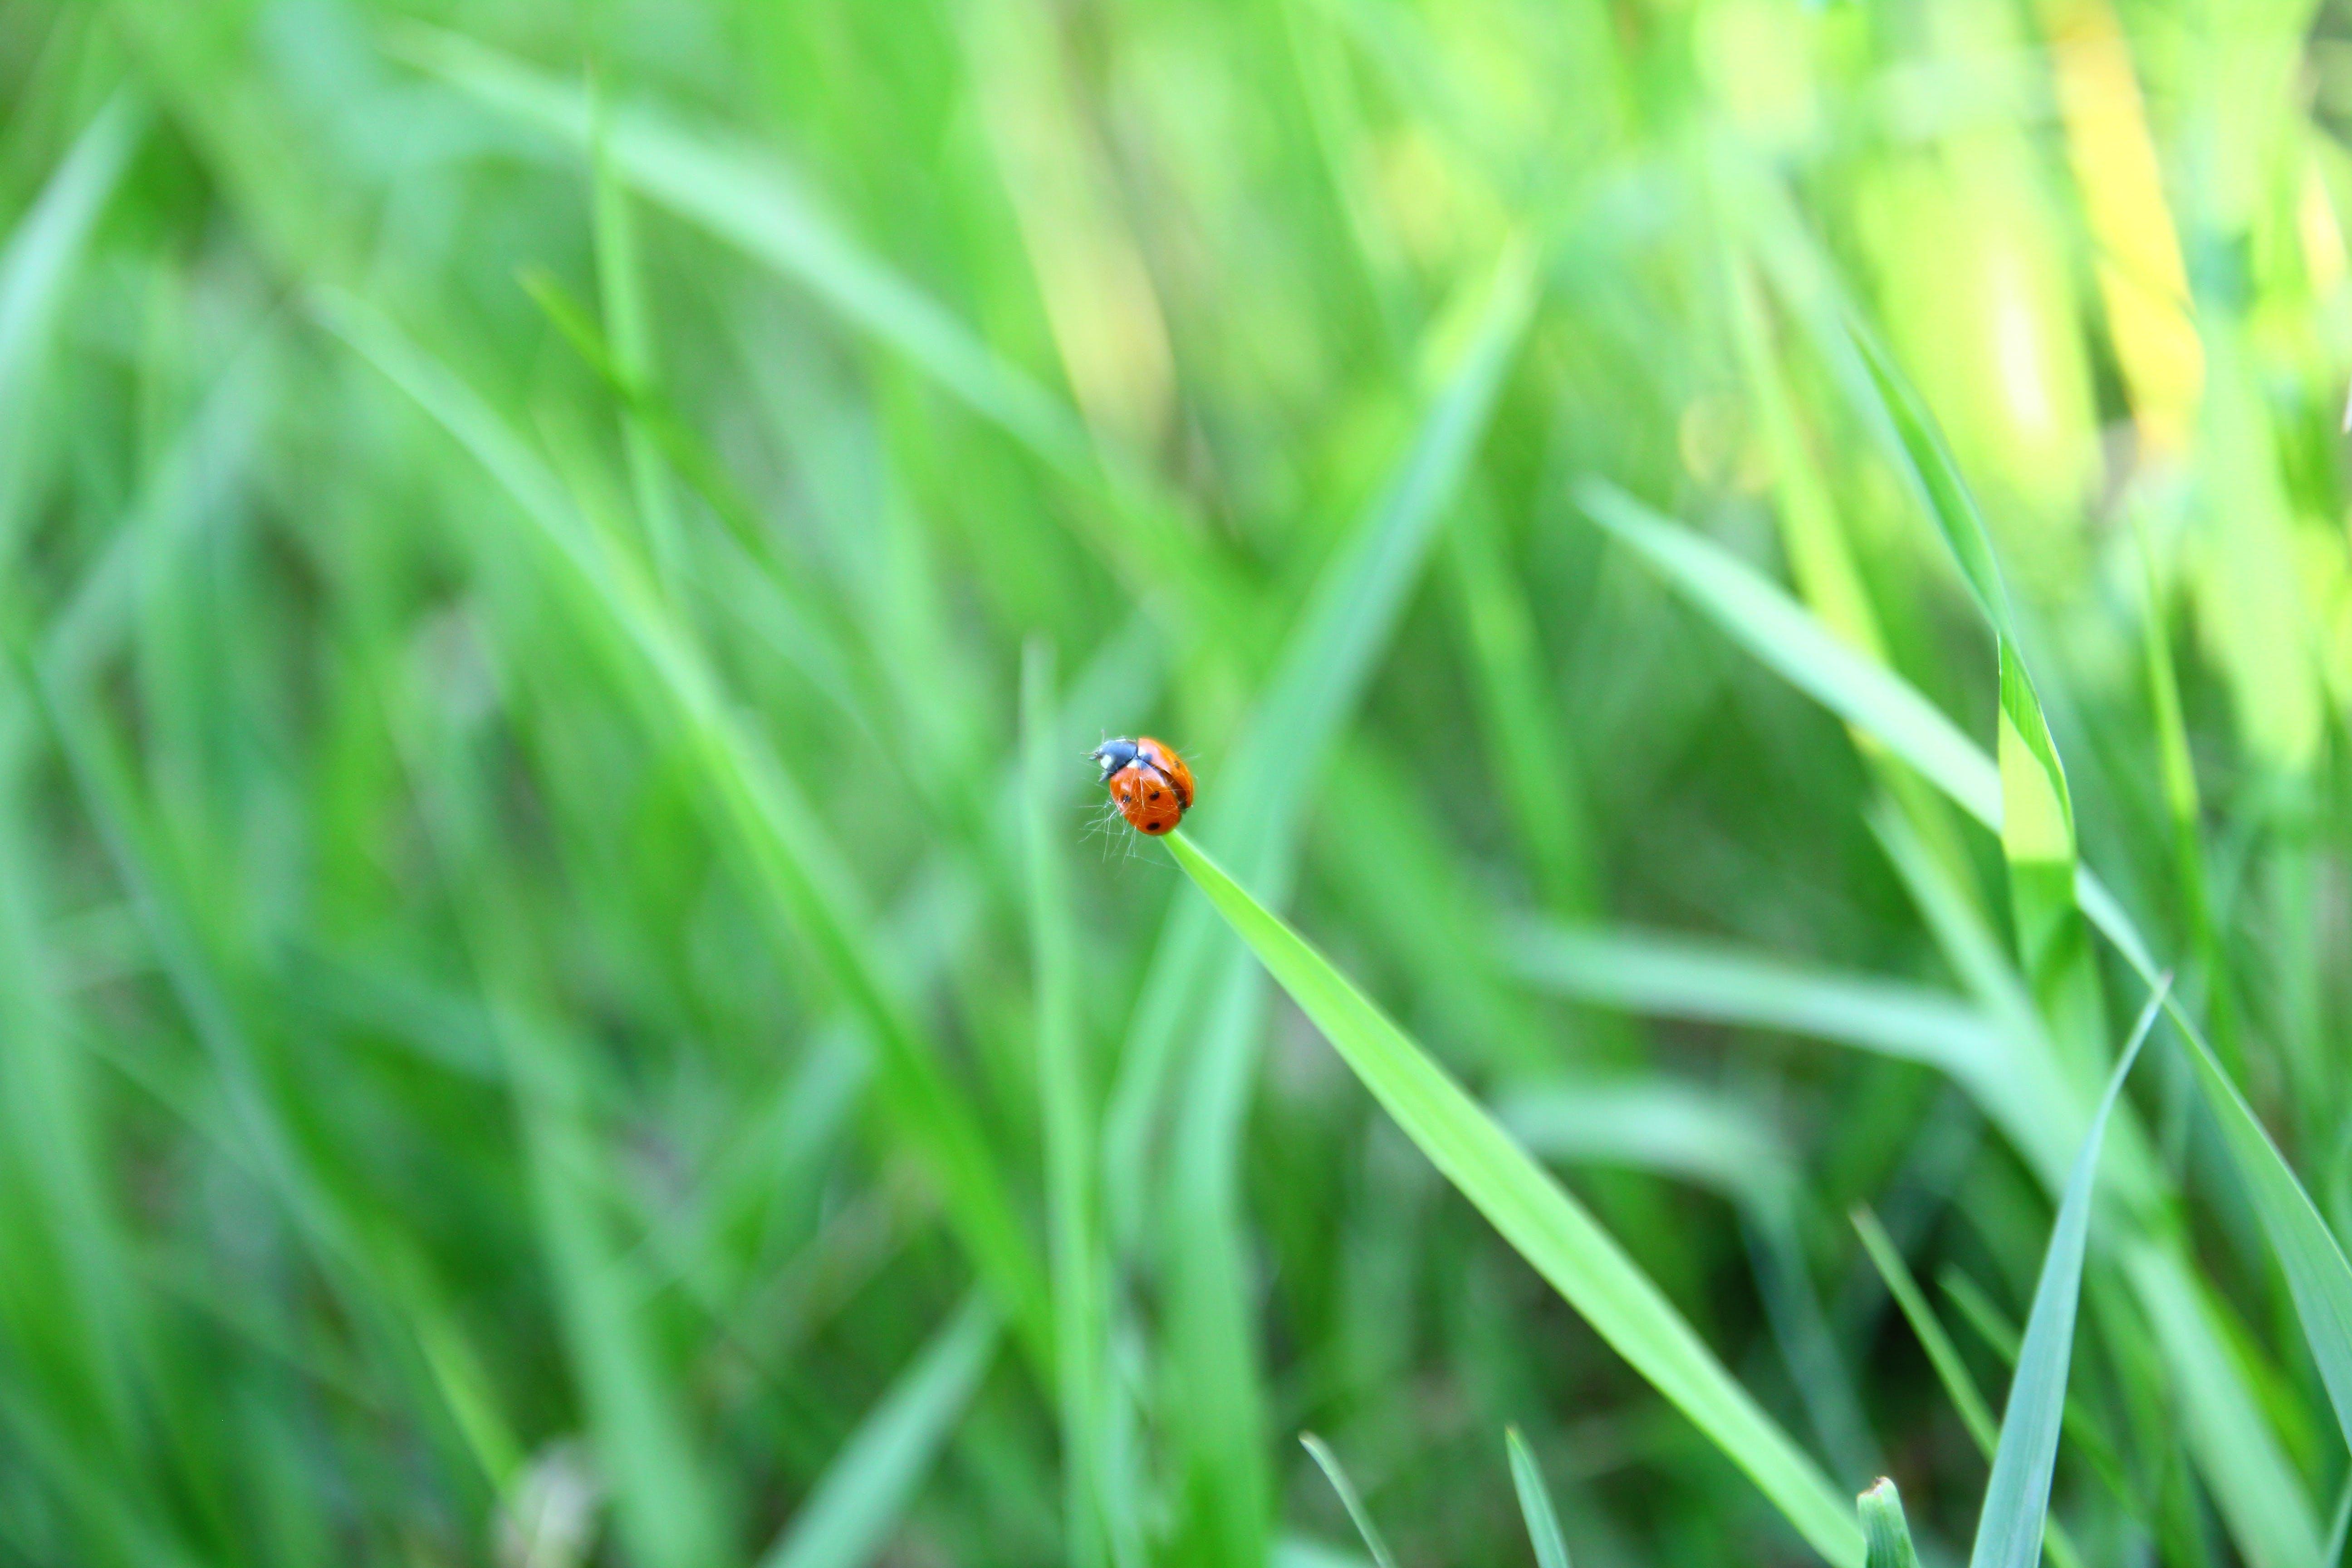 Δωρεάν στοκ φωτογραφιών με winnipeg, απόγευμα, γρασίδι, έντομο